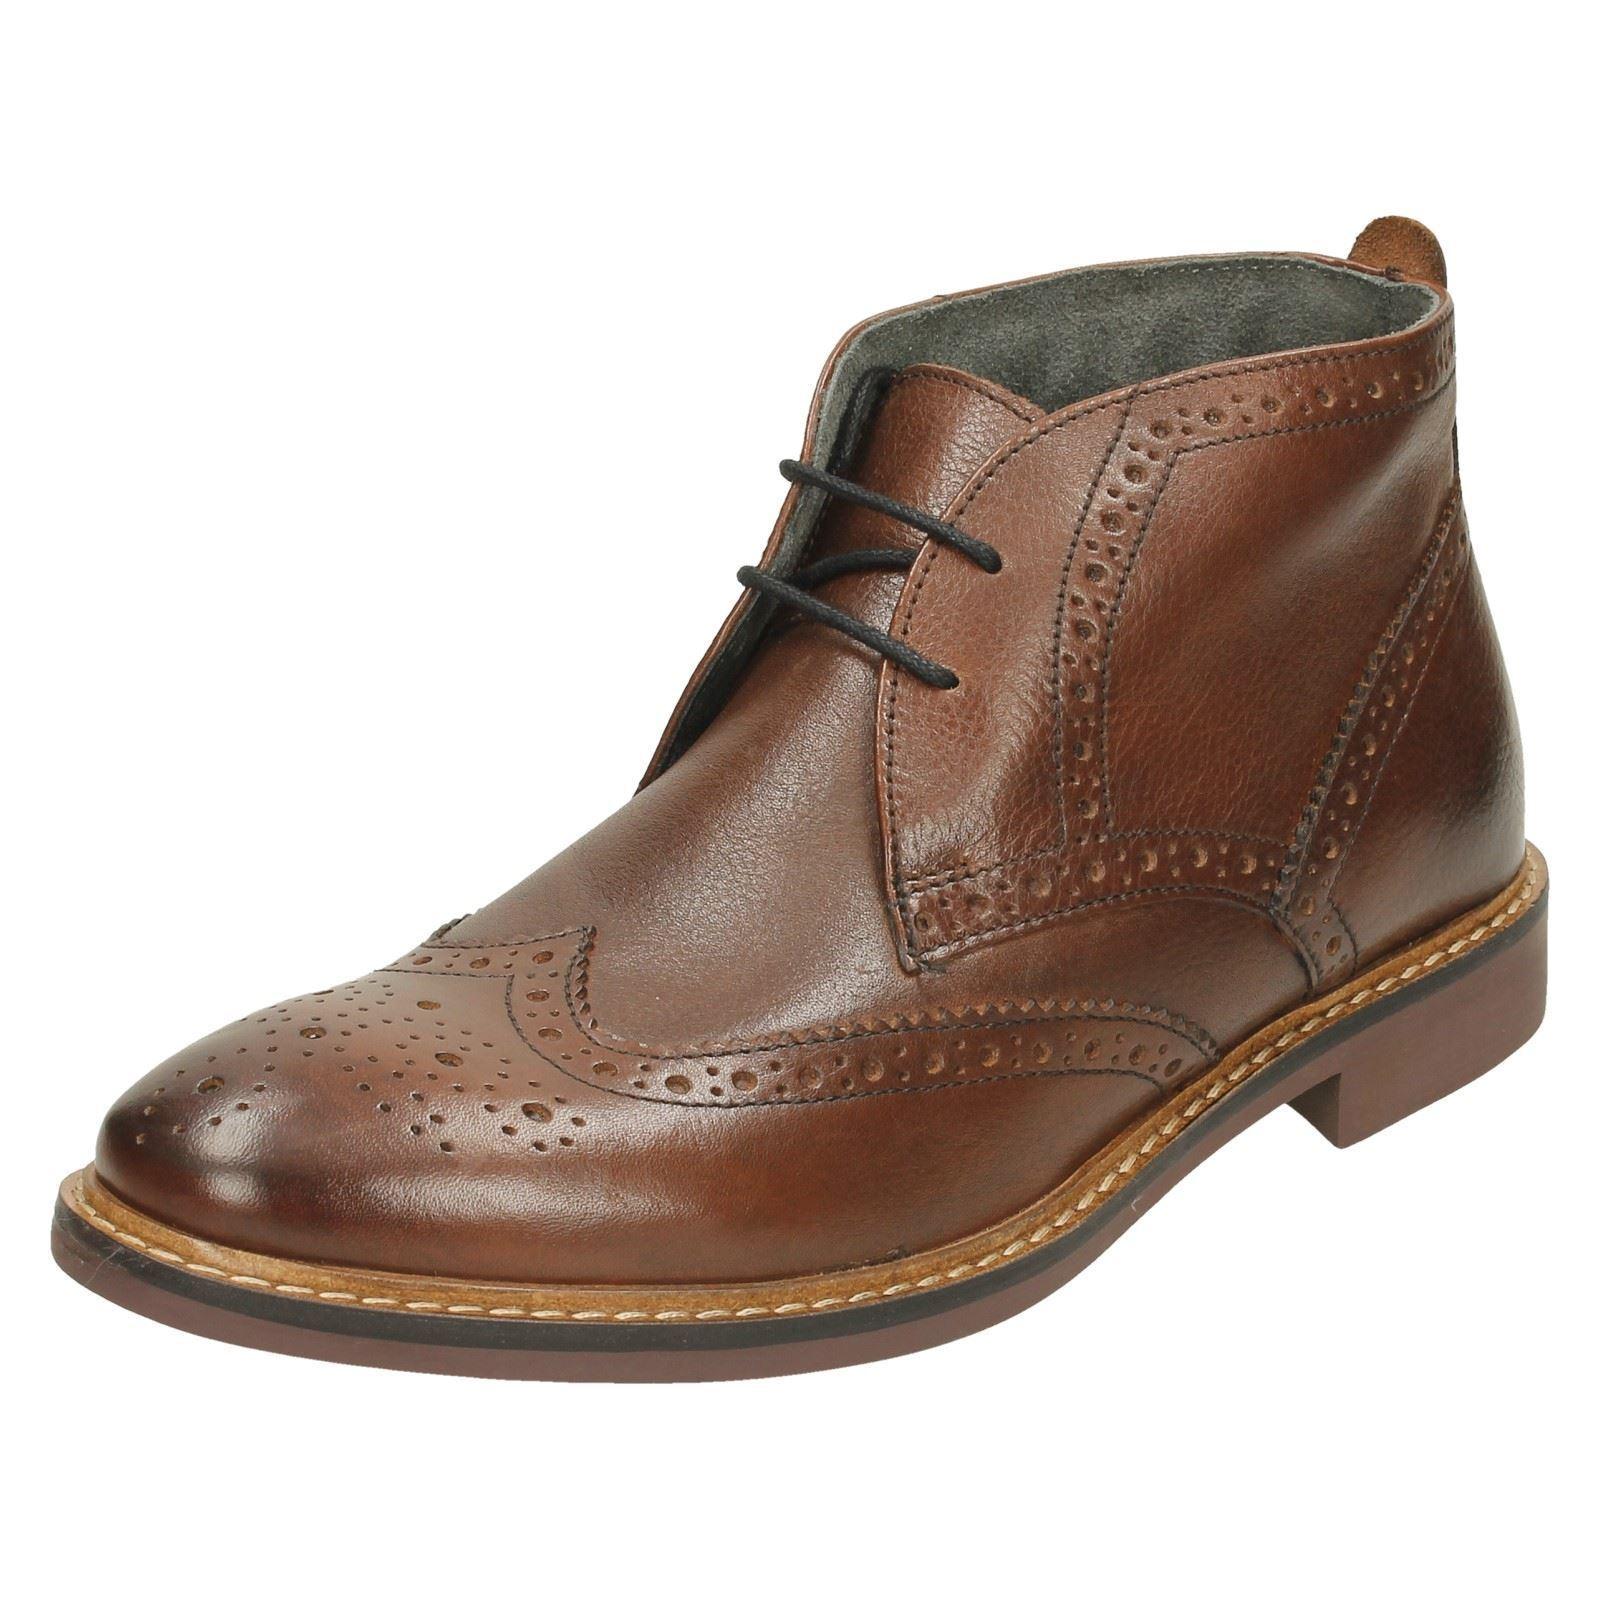 modelo más vendido de la marca Truco para Hombre Botas al tobillo con Cordones Por Base London por menor precio .00